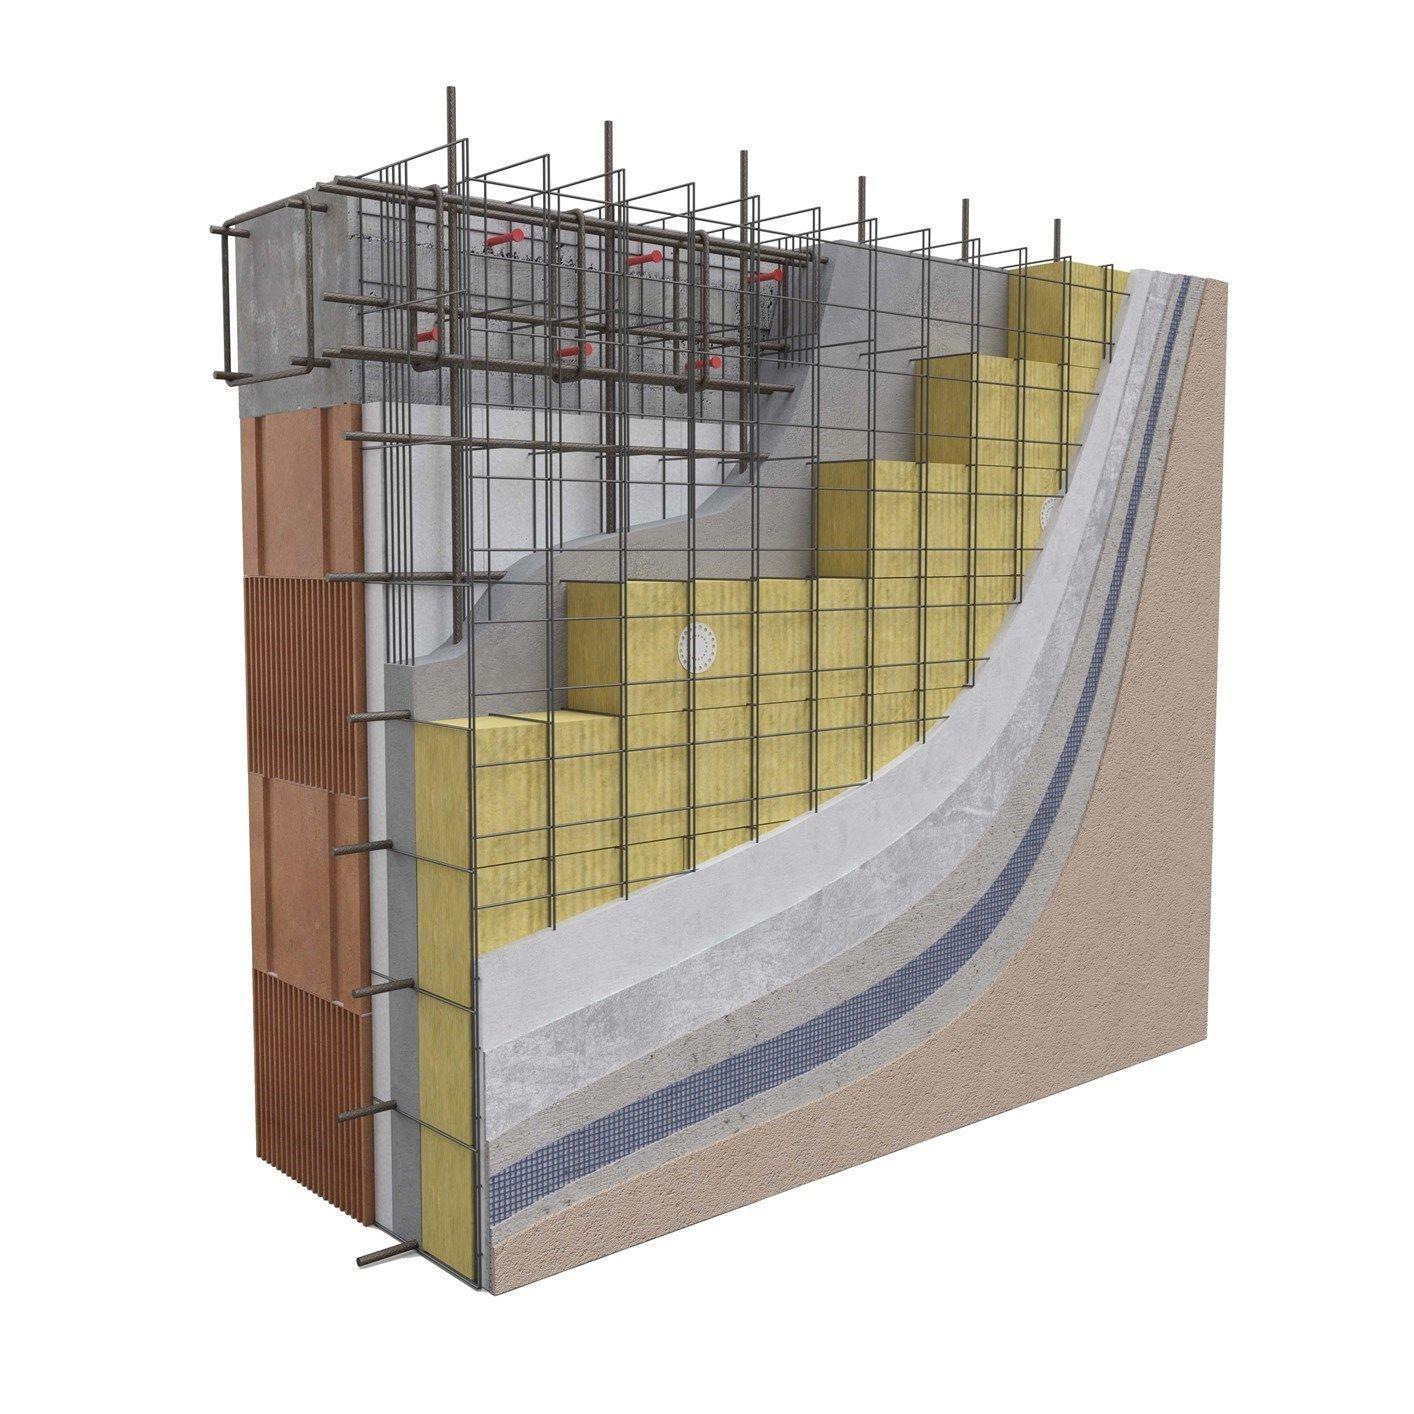 Ecosism per l'adeguamento sismico ed efficientamento energetico del Municipio di Mareno di Piave